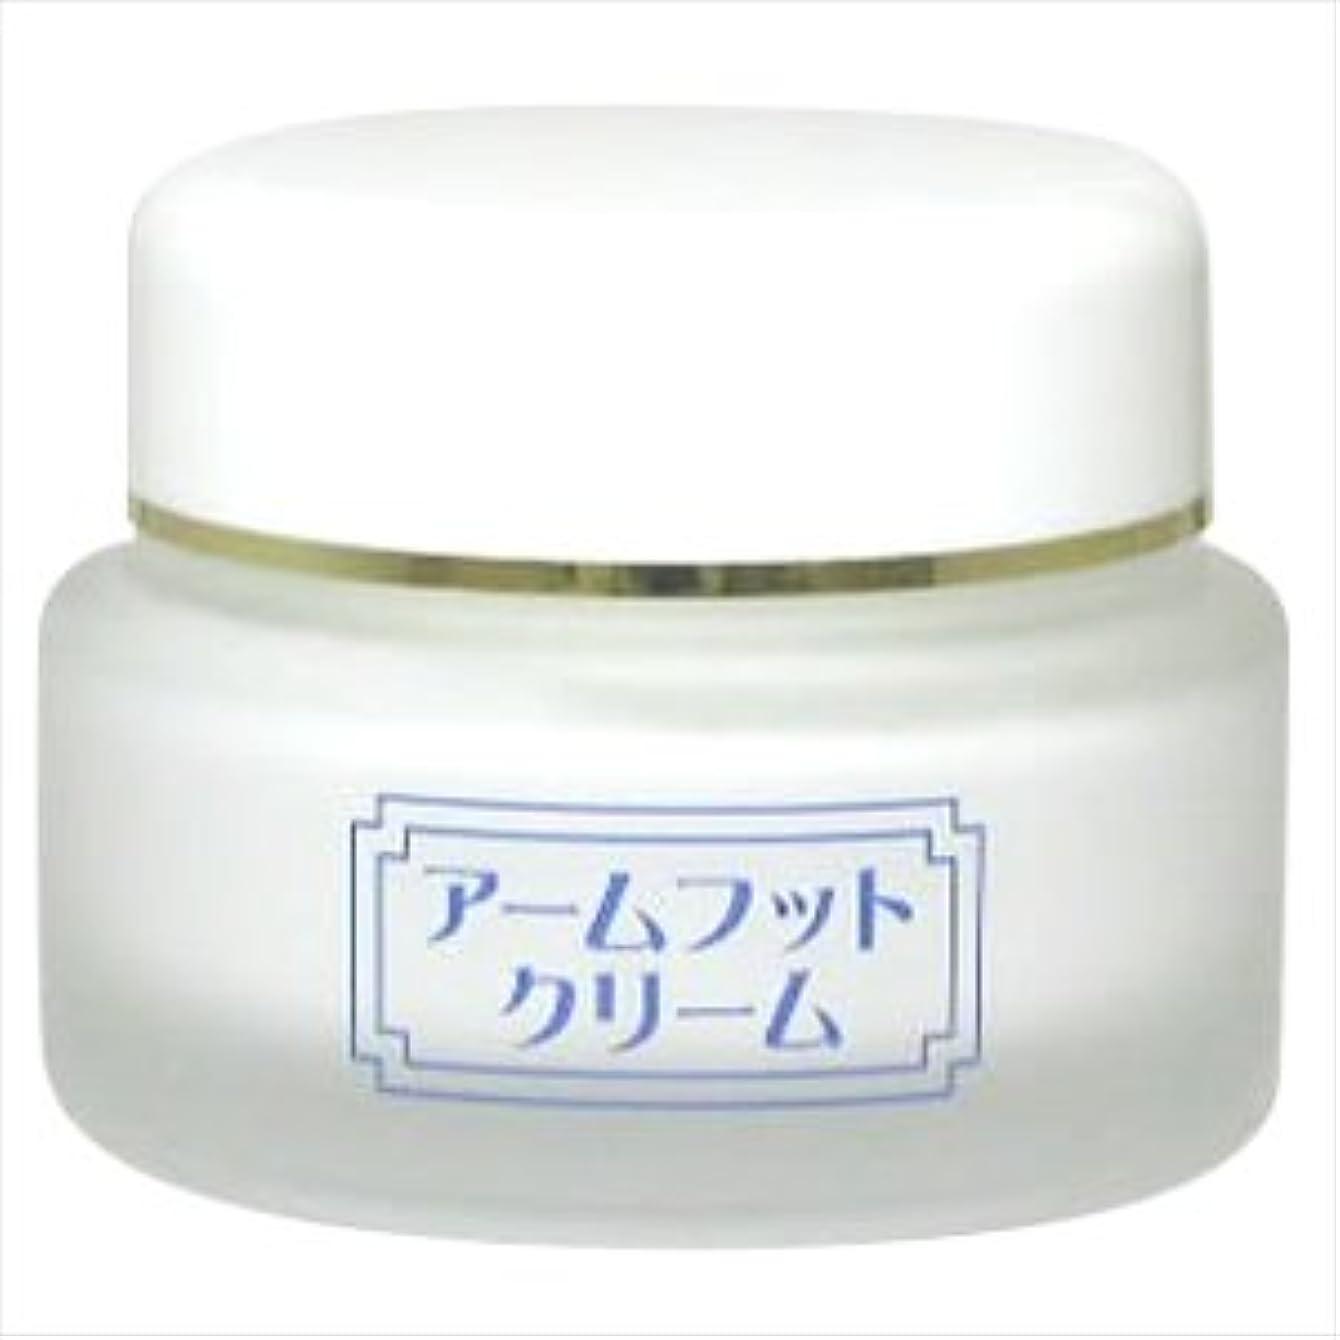 ヨーグルトホップ確率薬用デオドラントクリーム アームフットクリーム(20g) (1個)